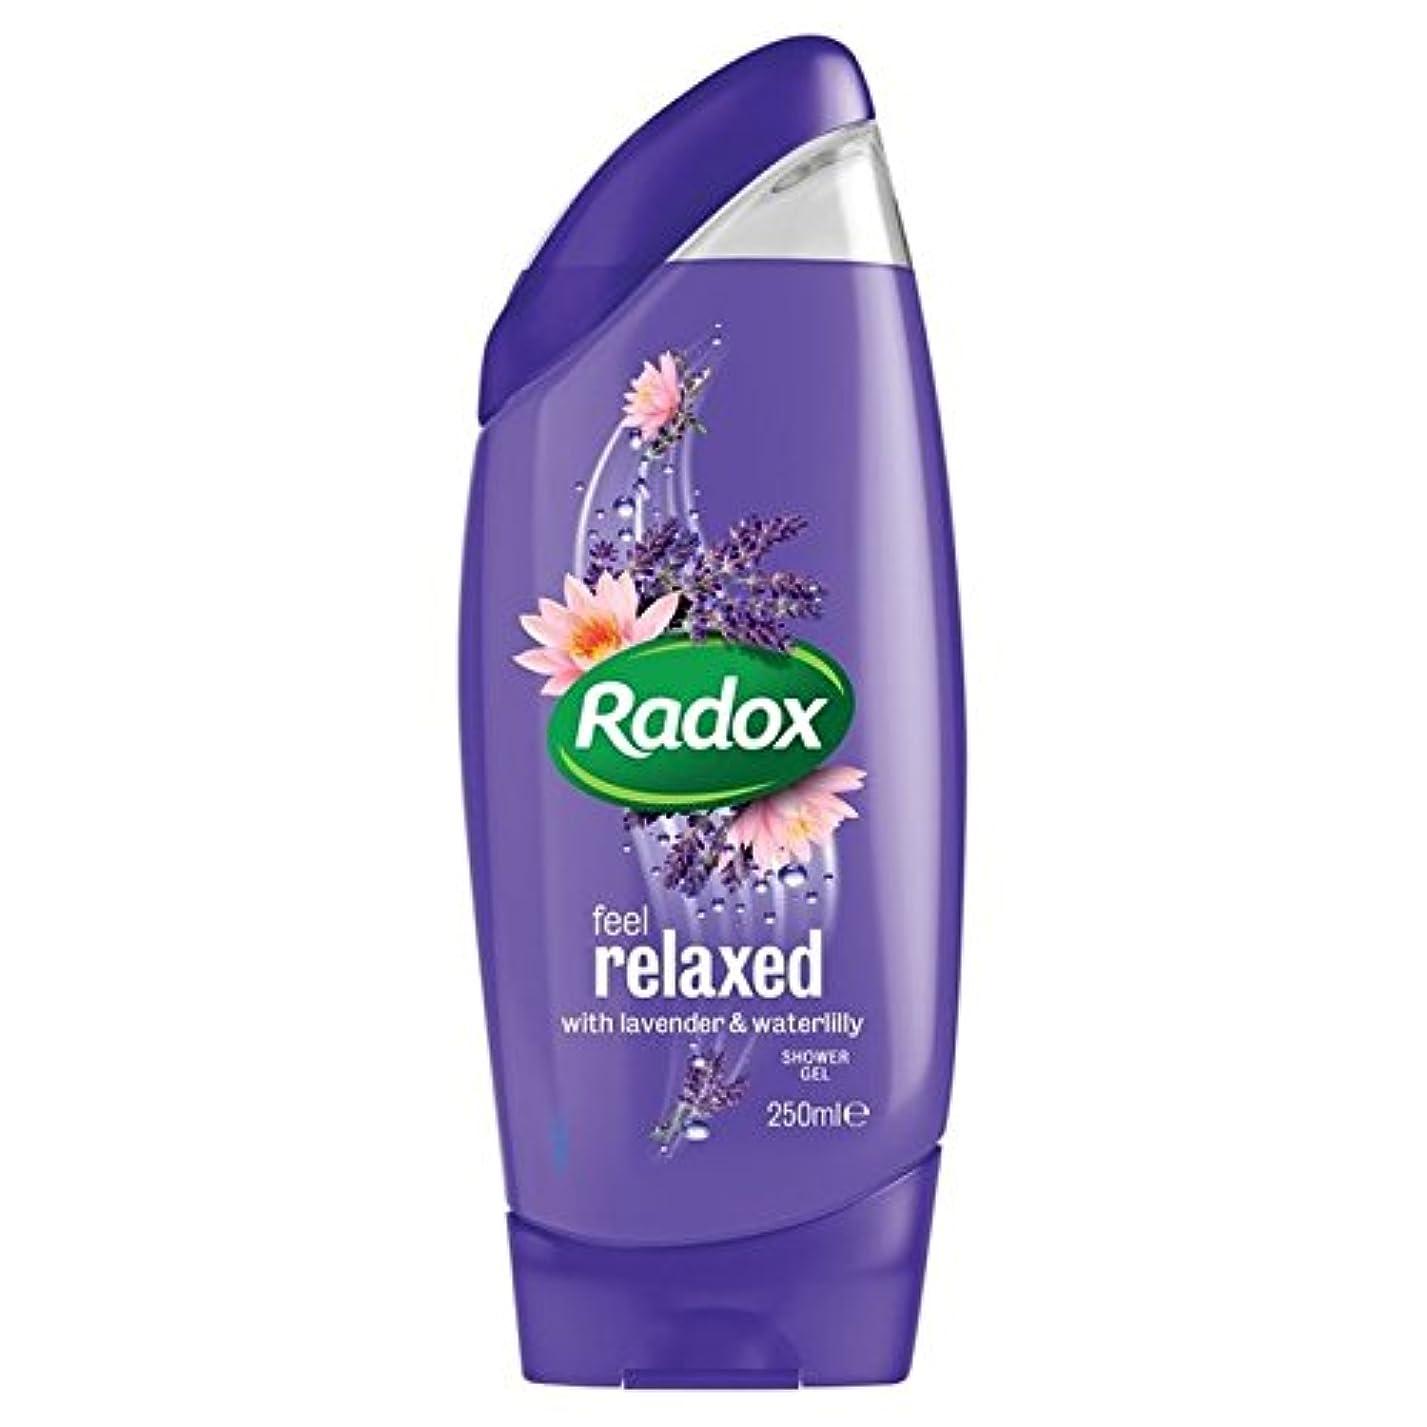 皮肉簡潔な豊かにするはリラックスシャワージェル250ミリリットルを感じます x2 - Radox Feel Relaxed Shower Gel 250ml (Pack of 2) [並行輸入品]